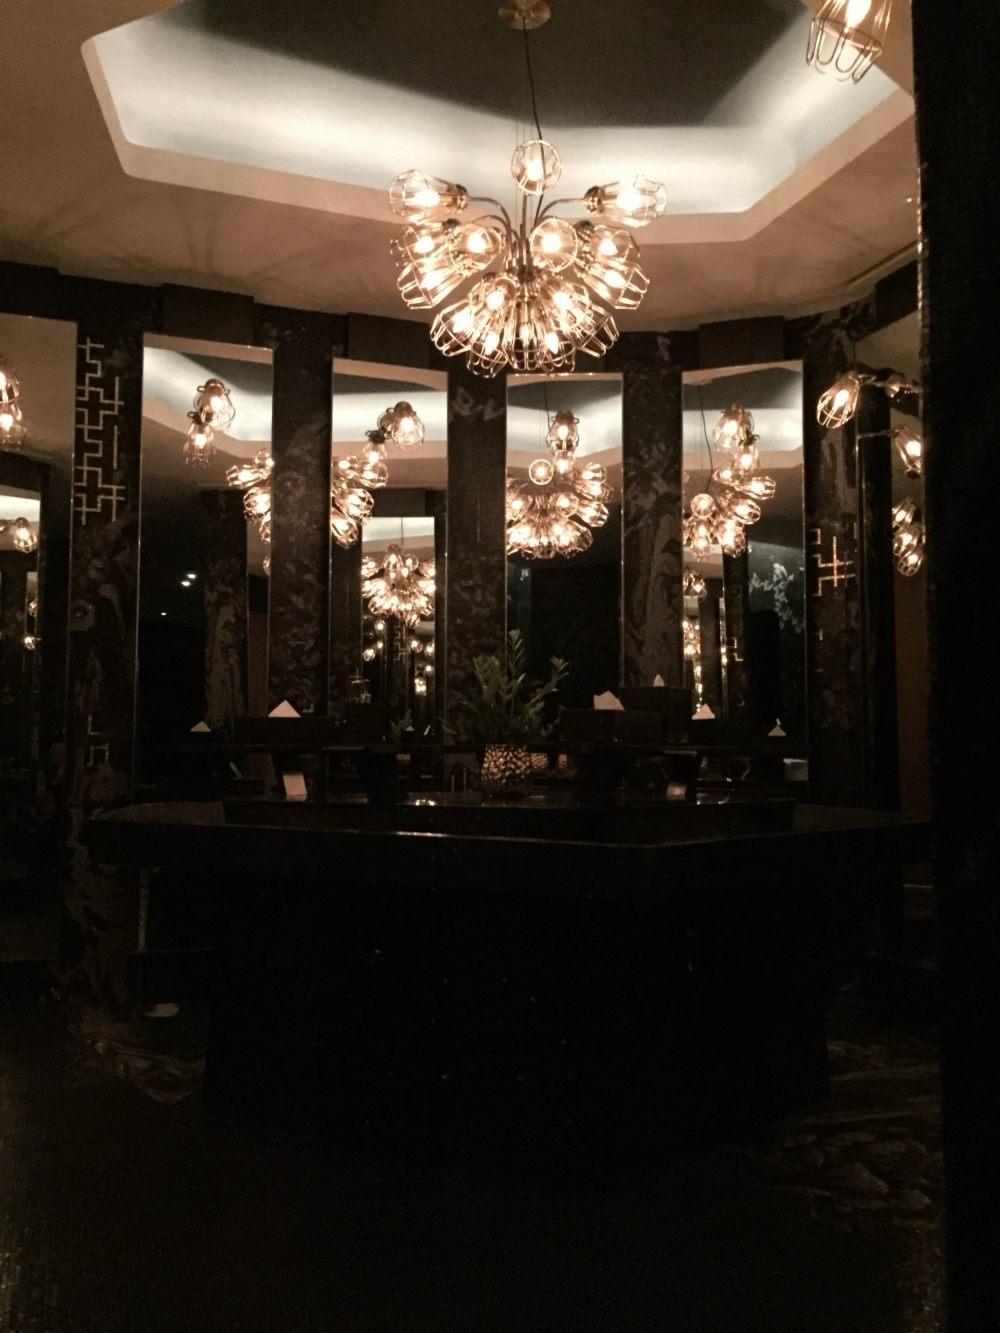 上海外滩W酒店,史上最全入住体验 自拍分享,申请置...._IMG_5914.JPG